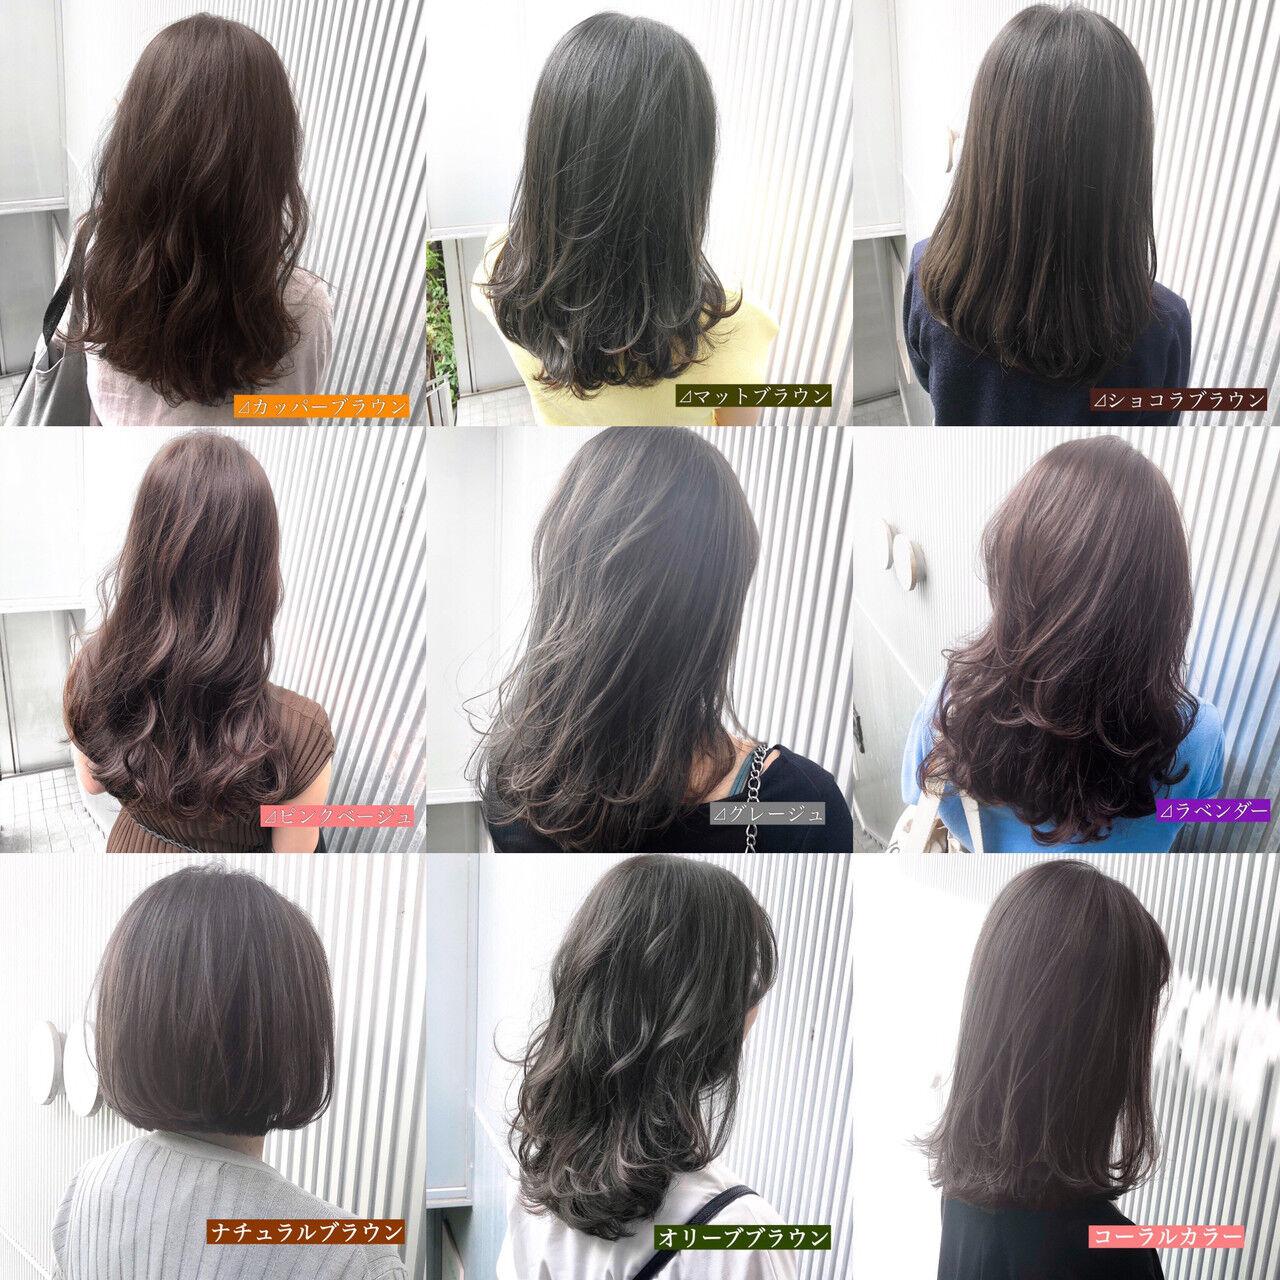 前髪 ミルクティーグレージュ アッシュ ストレートヘアスタイルや髪型の写真・画像